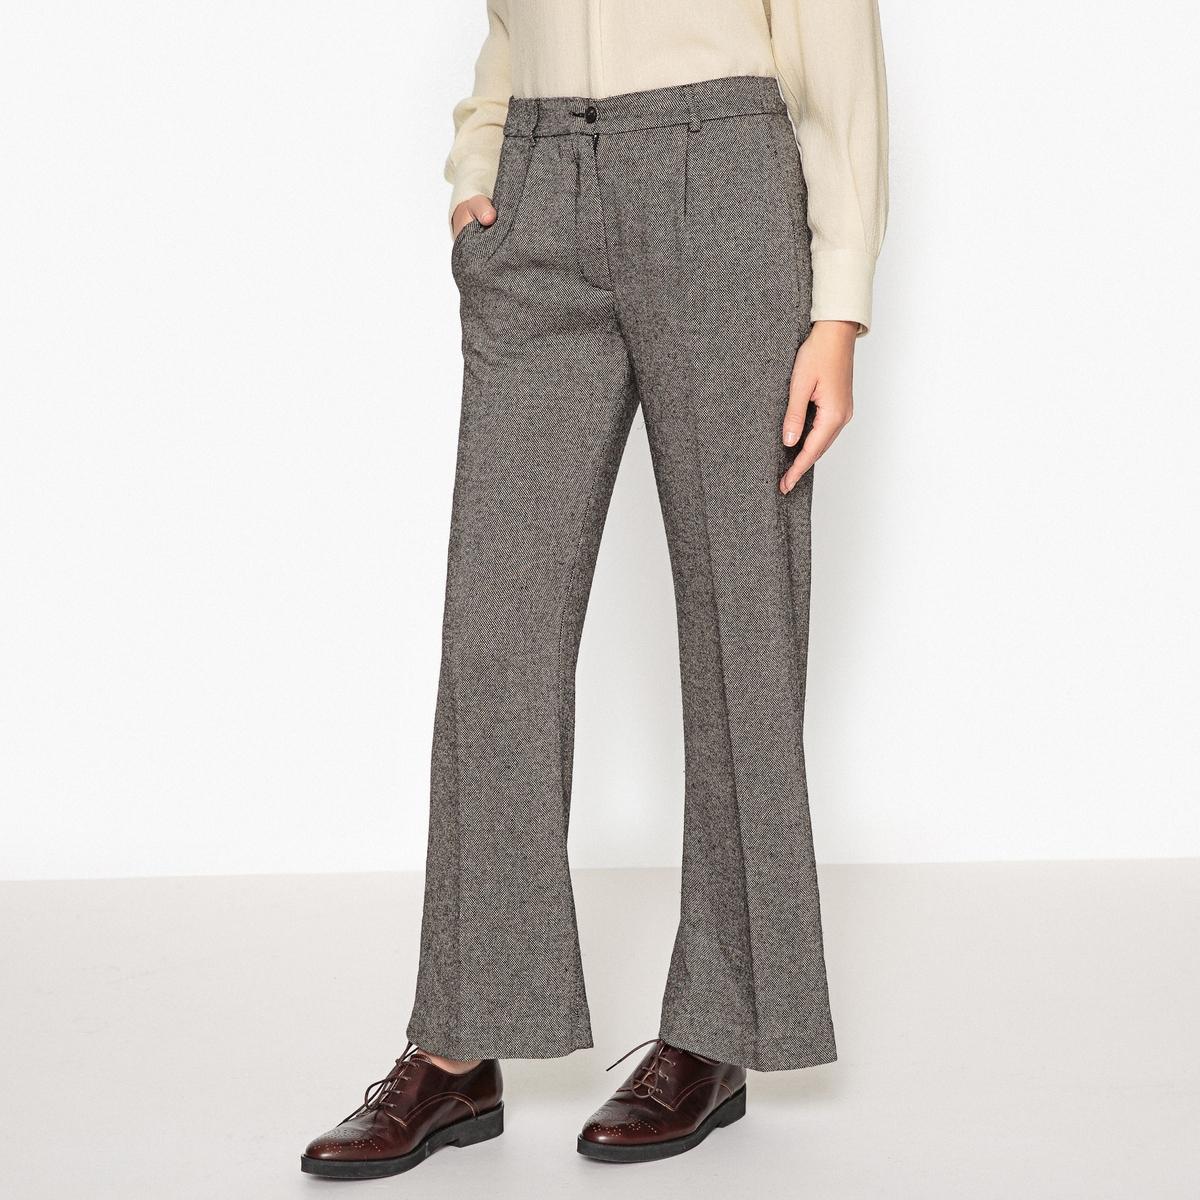 Брюки двухцветные свободного покроя PARIZOОписание:Свободные двухцветные брюки DIEGA - модель PARIZO с карманом сбоку и поясом со шлевками..Детали   •  Широкий покрой   •  Стандартная высота поясаСостав и уход   •  70% вискозы, 25% шерсти, 5% полиамида •  Следуйте советам по уходу, указанным на этикетке<br><br>Цвет: серый